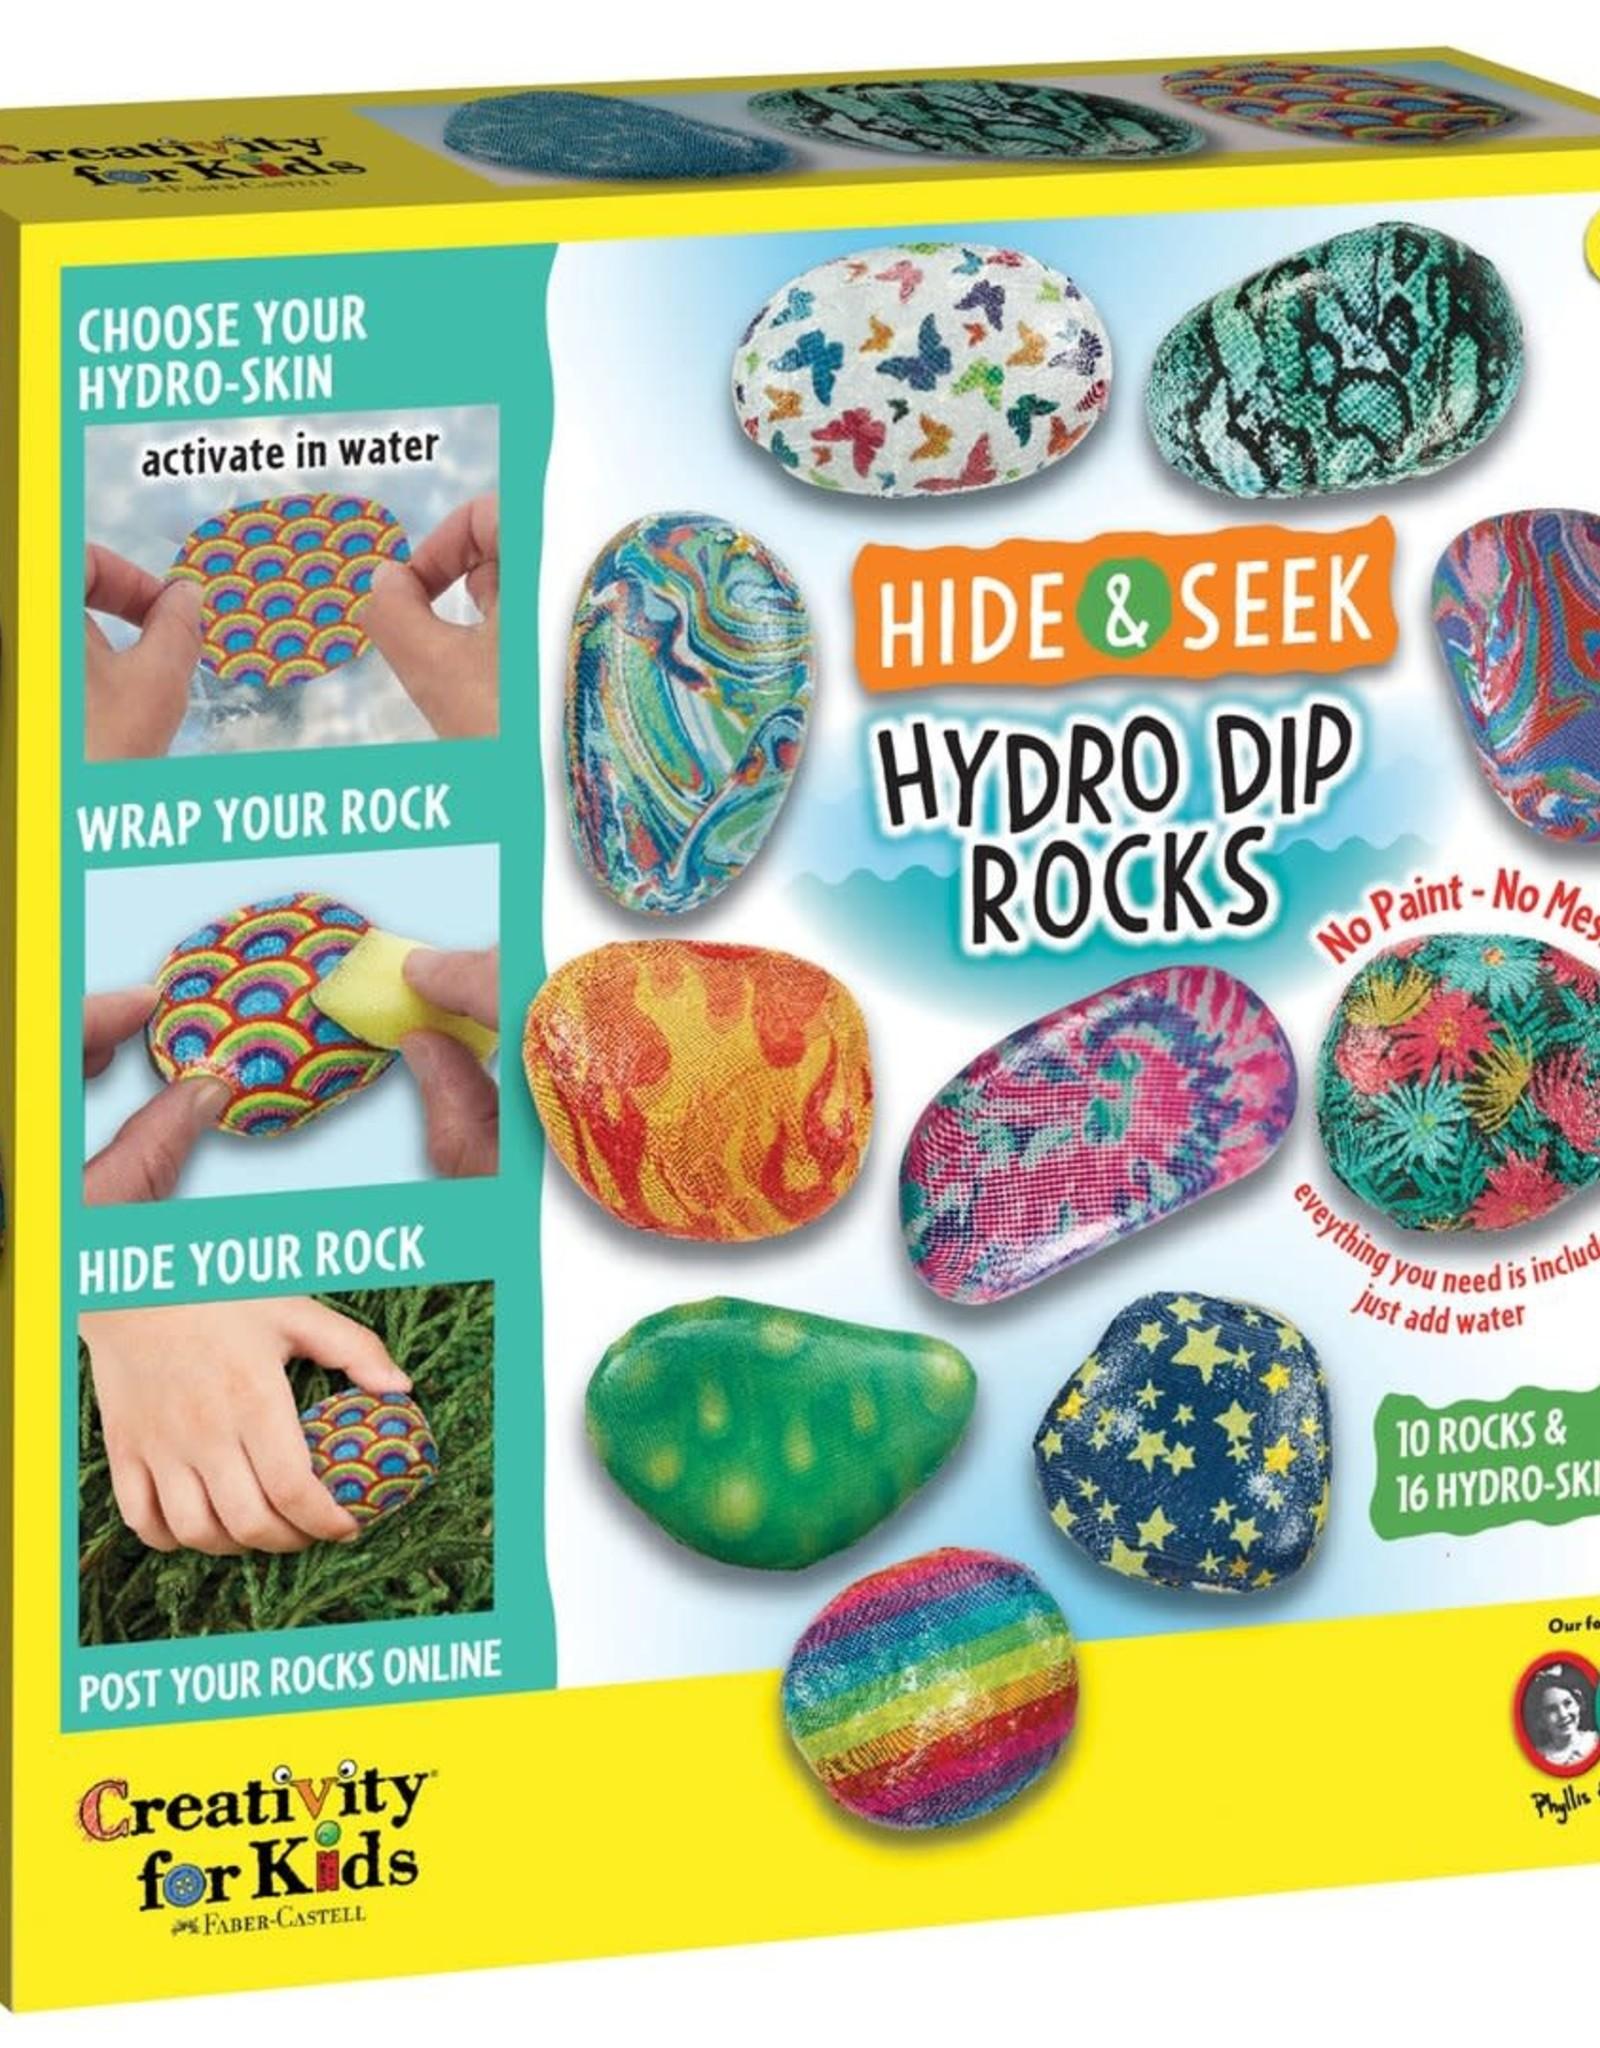 Hide & Seek Hydro Dip Rocks